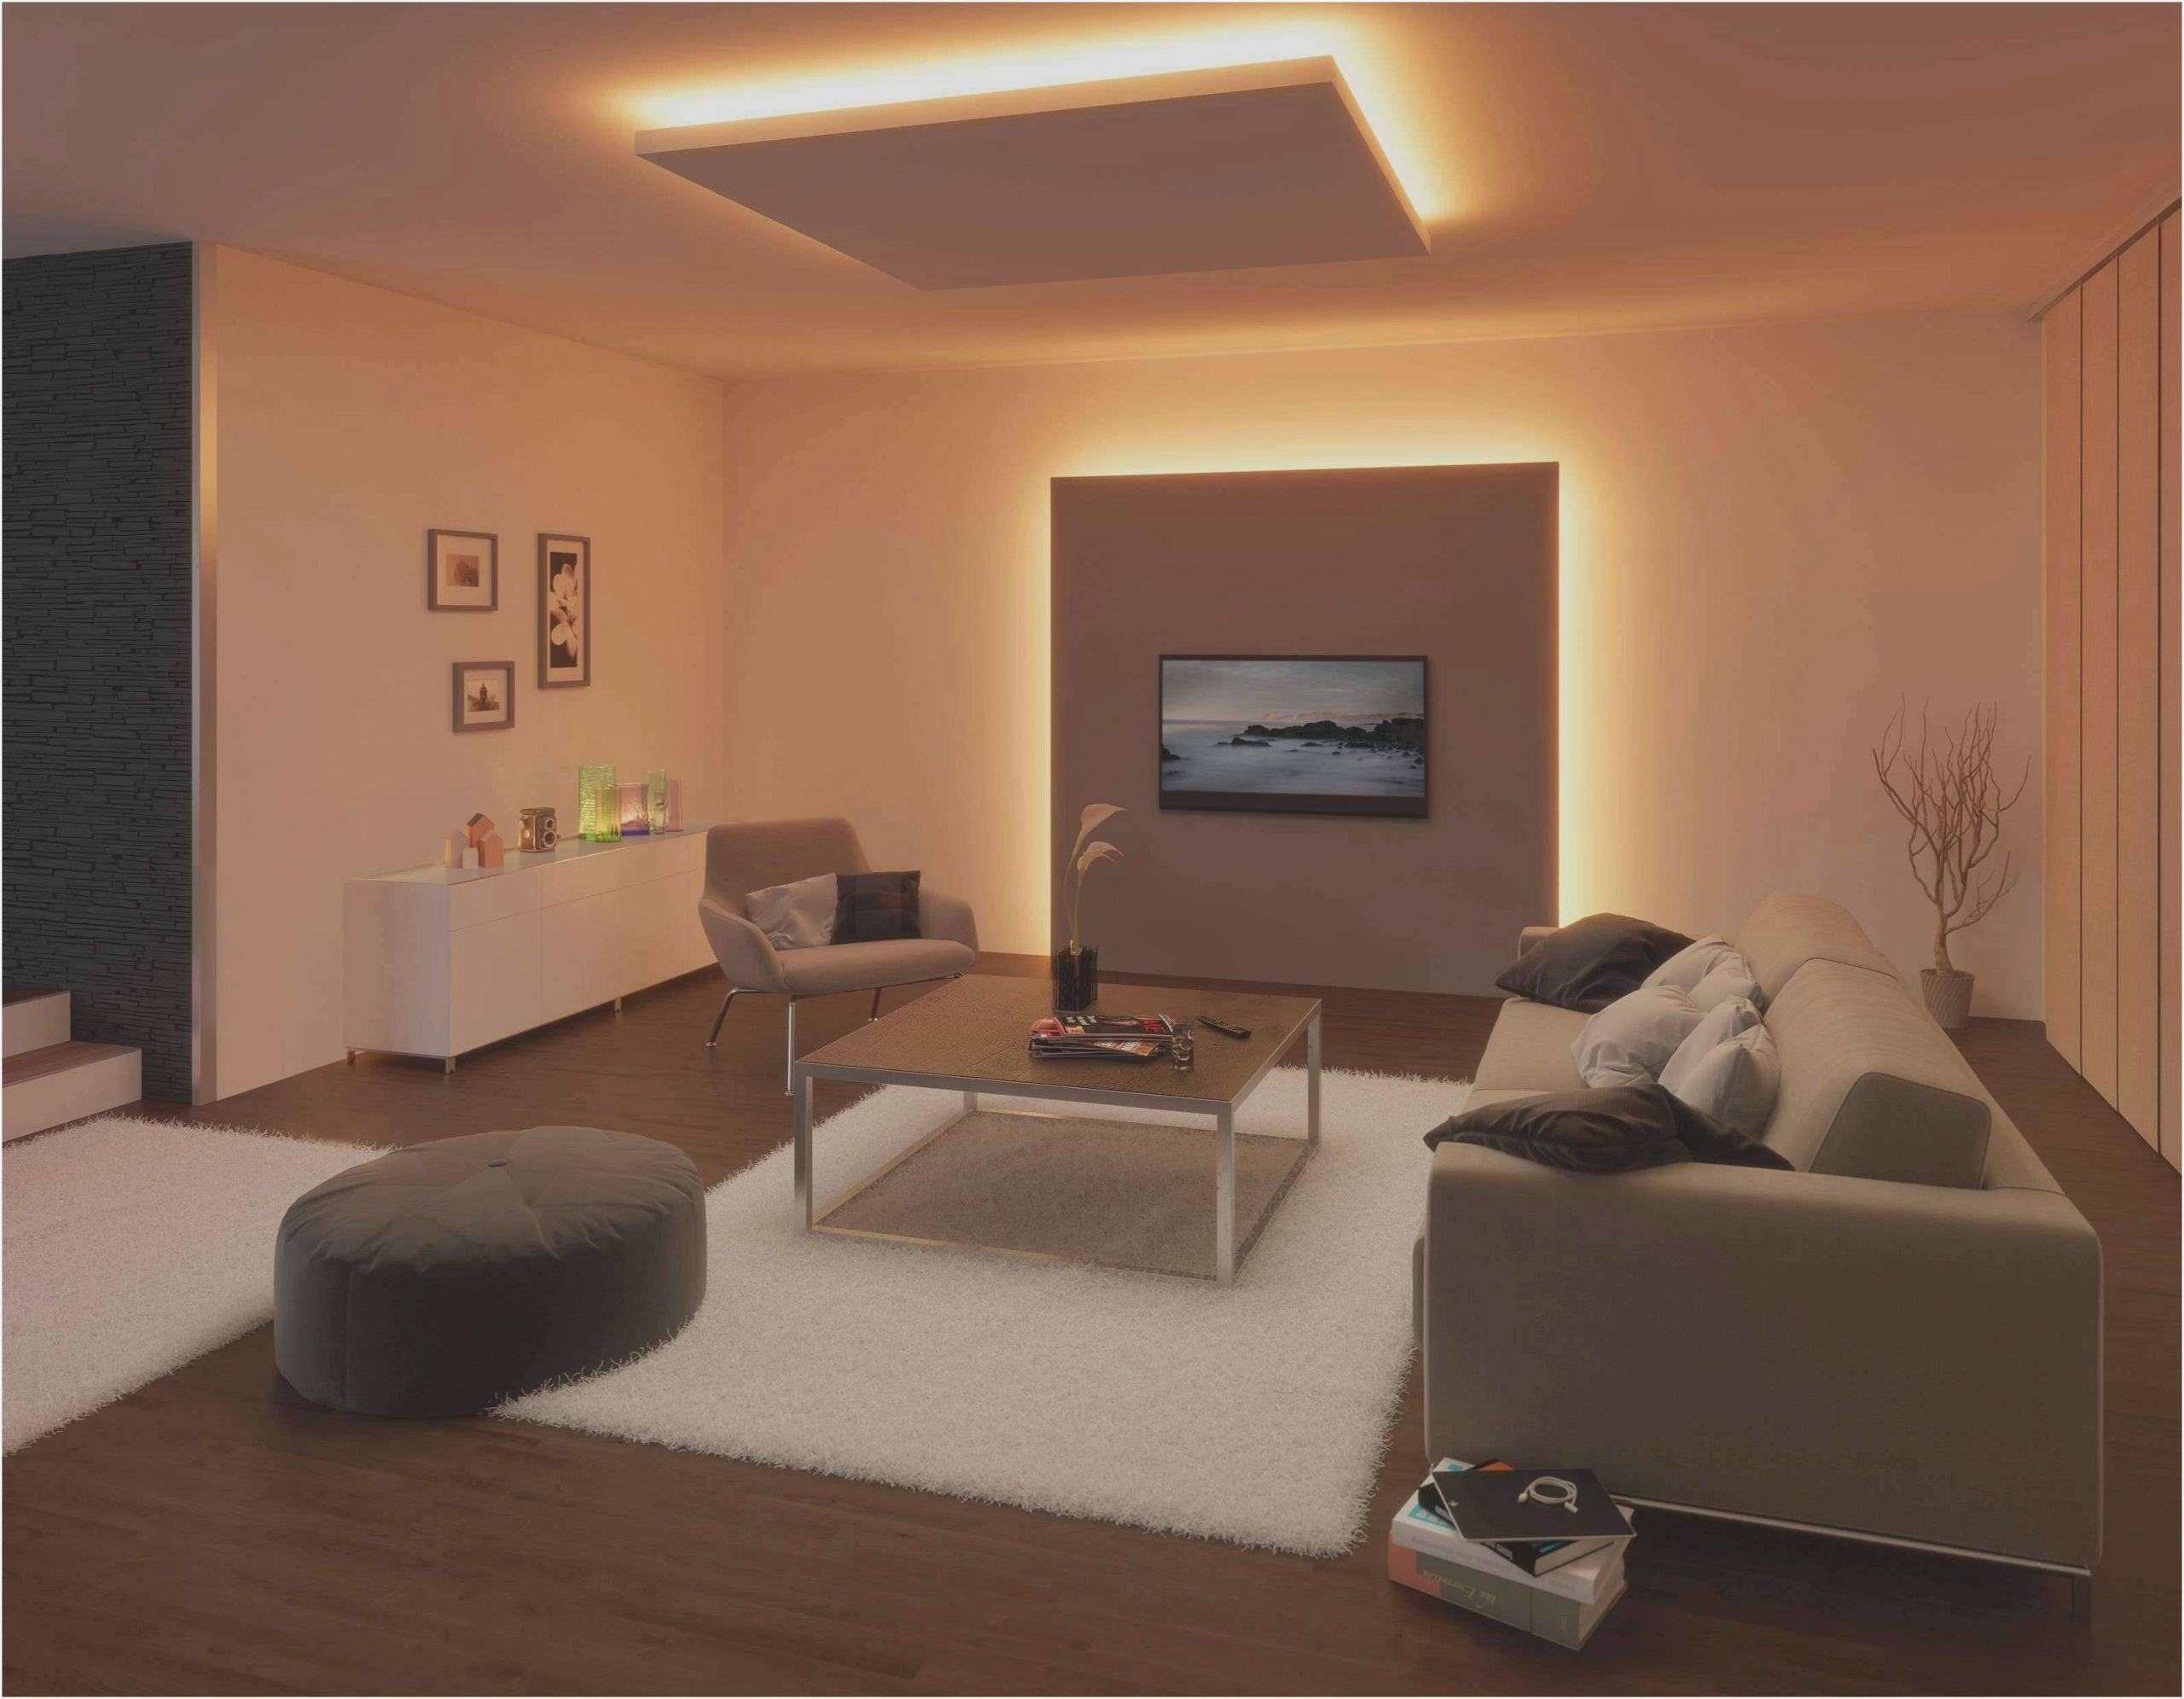 Full Size of Esstisch Landhausstil Betten Küche Sofa Wohnzimmer Bett Regal Schlafzimmer Weiß Wohnzimmer Küchenlampe Landhausstil